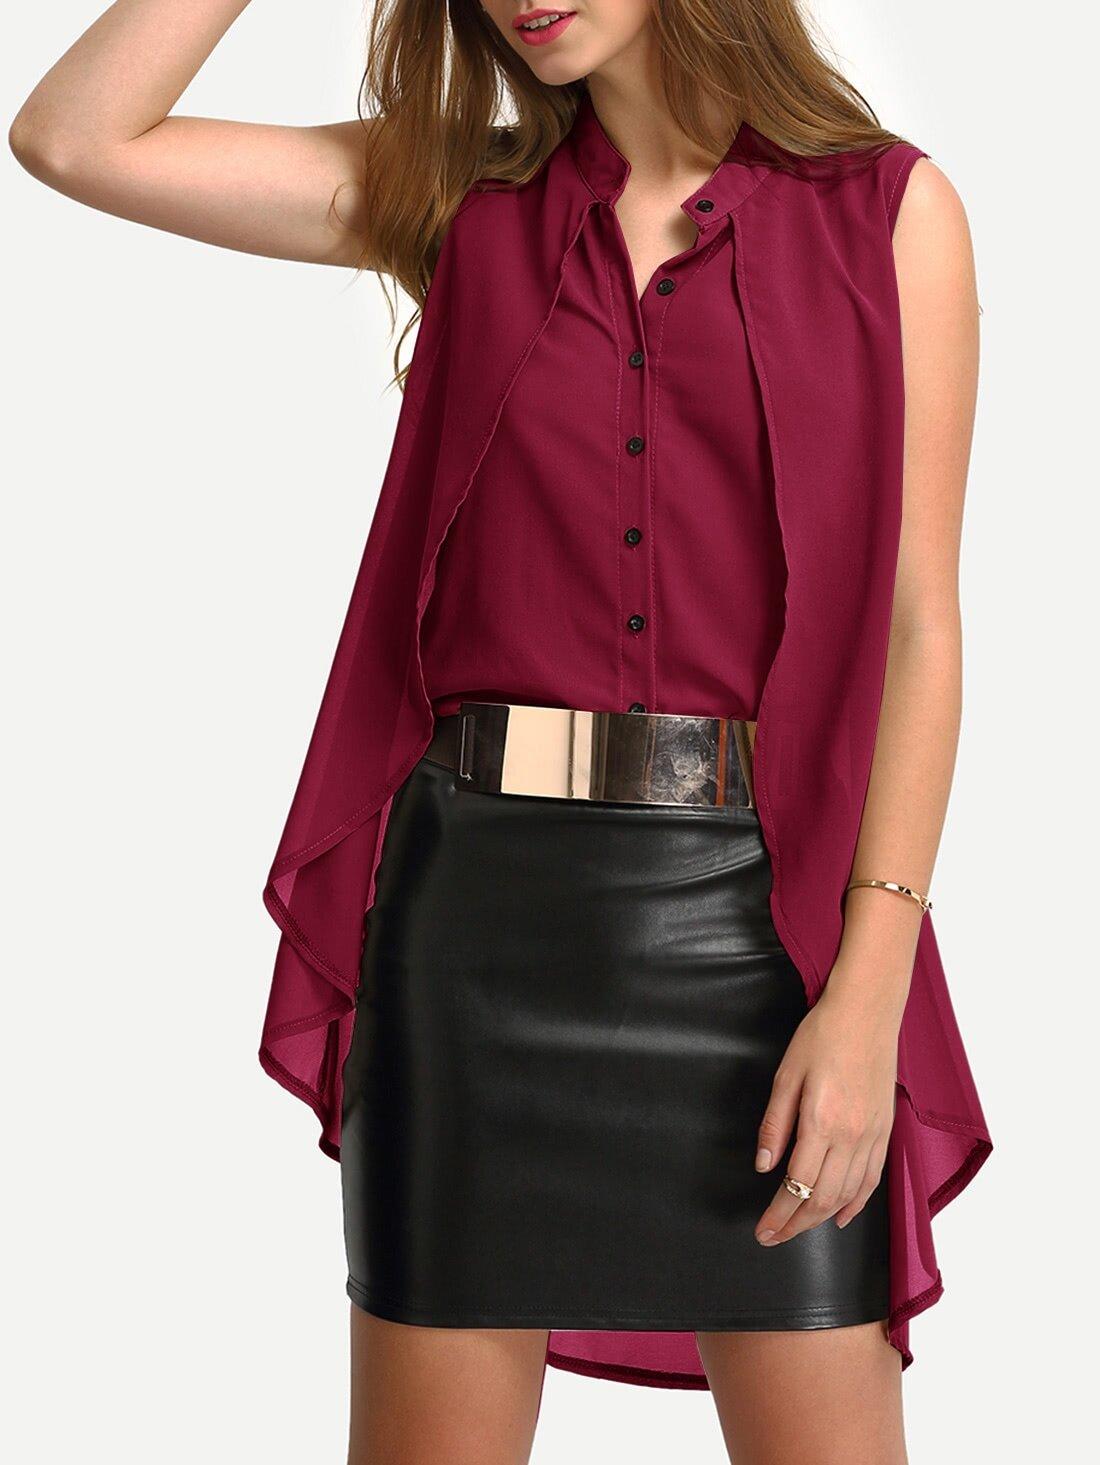 Layered Chiffon Blouse blouse luxmix blouse